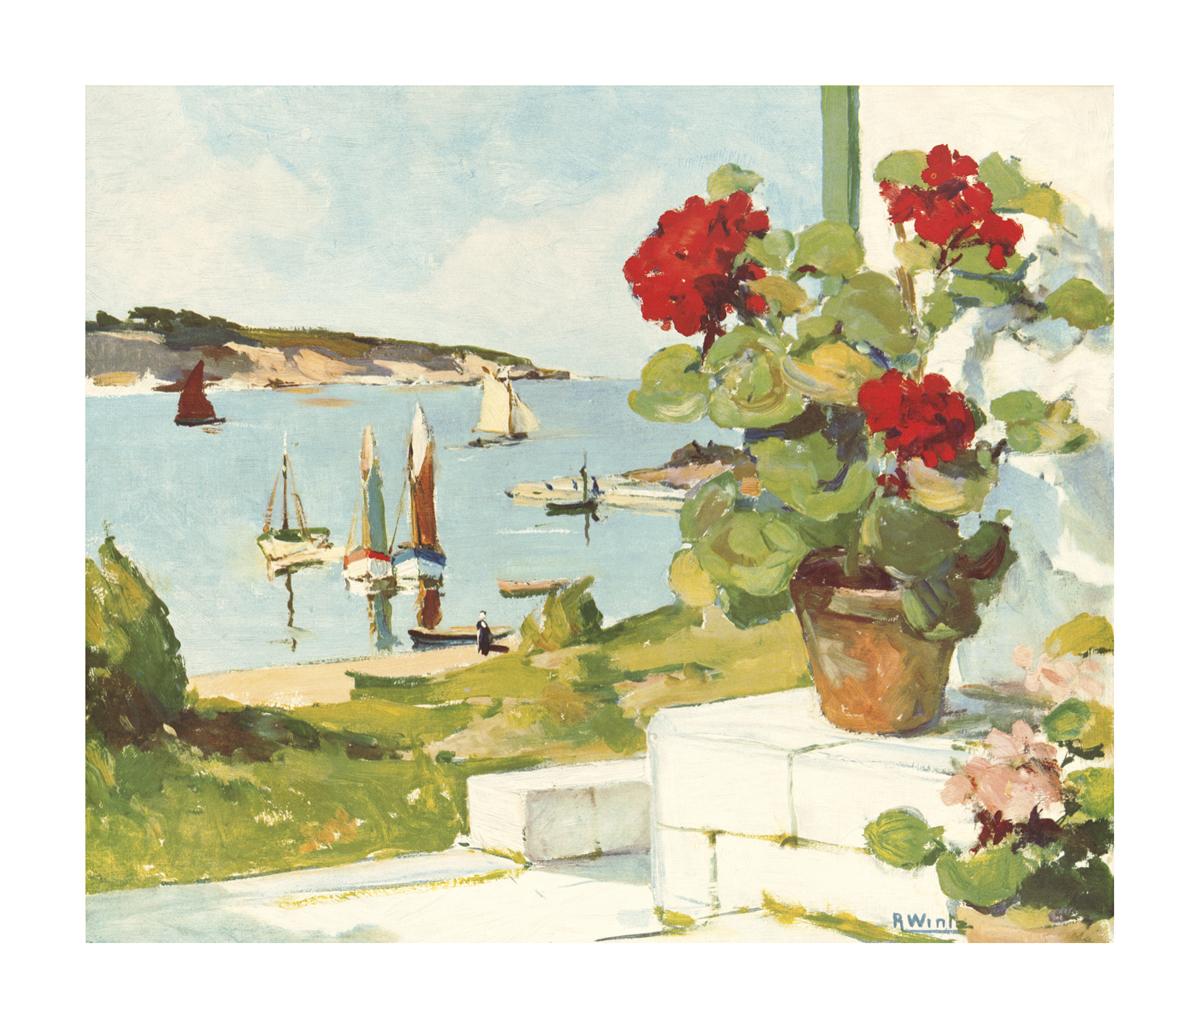 Hydrangeas R Wintz Print